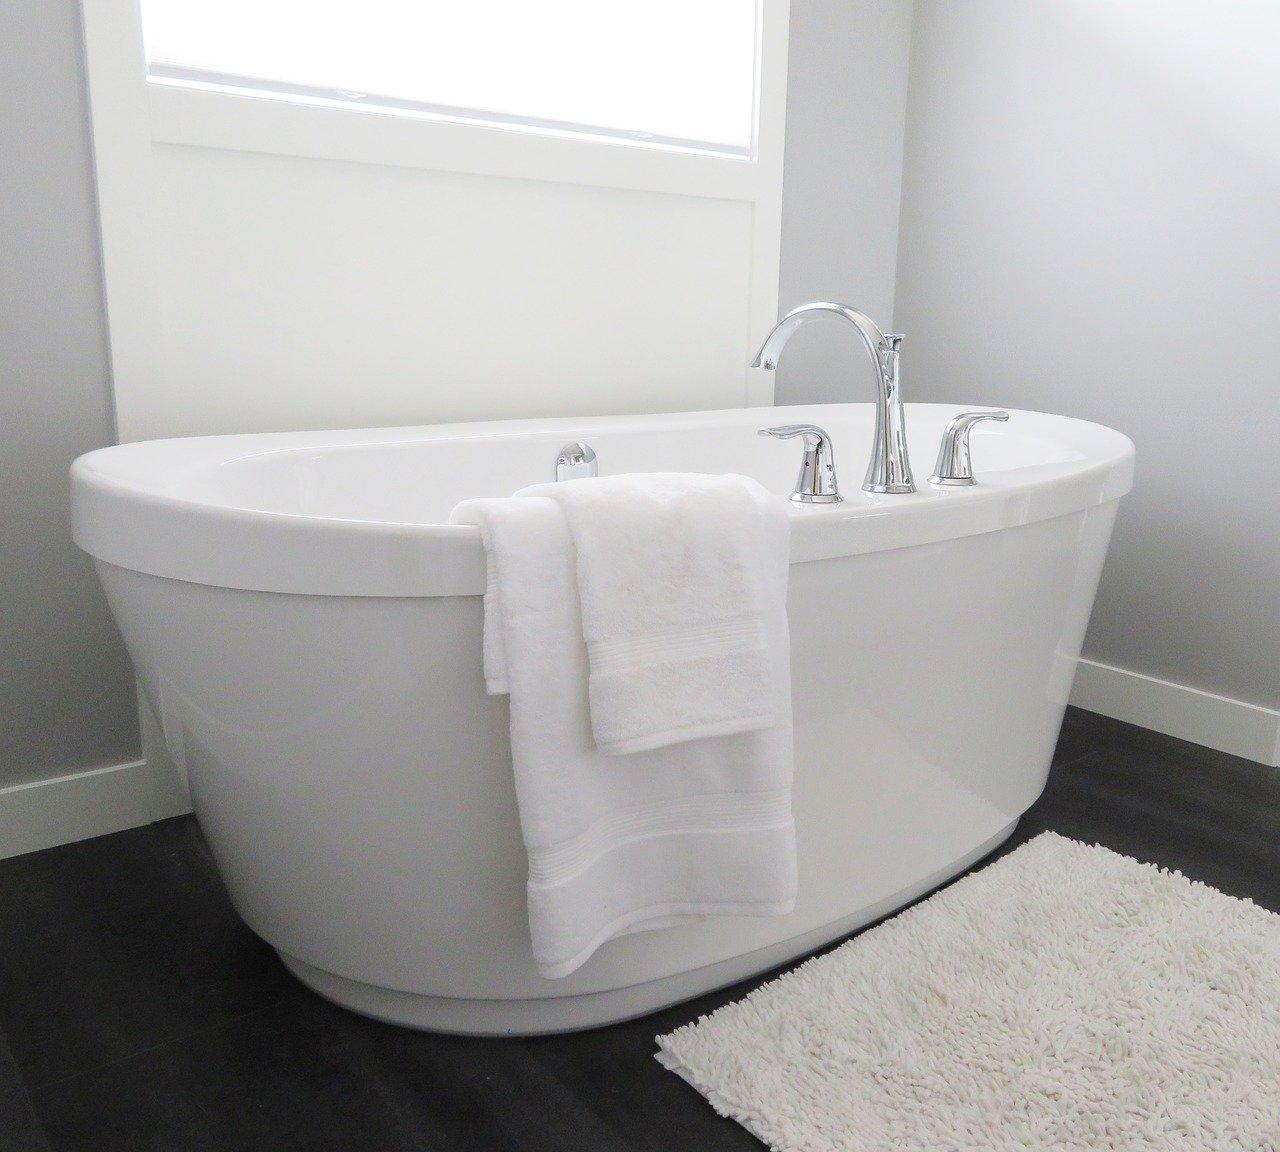 Bathtub 2485957 1280